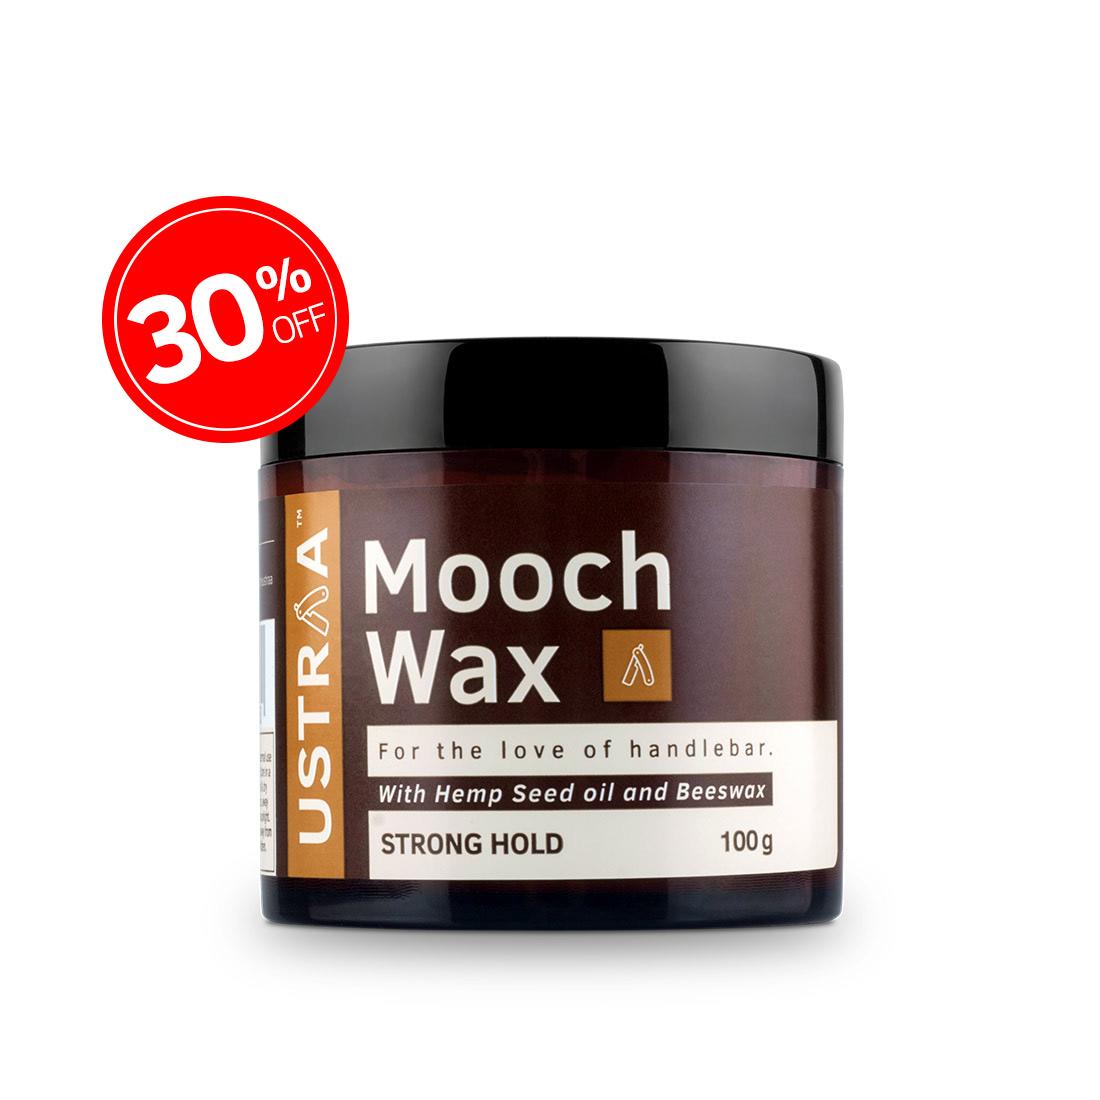 Beard & Mooch Wax Strong Hold - 100g